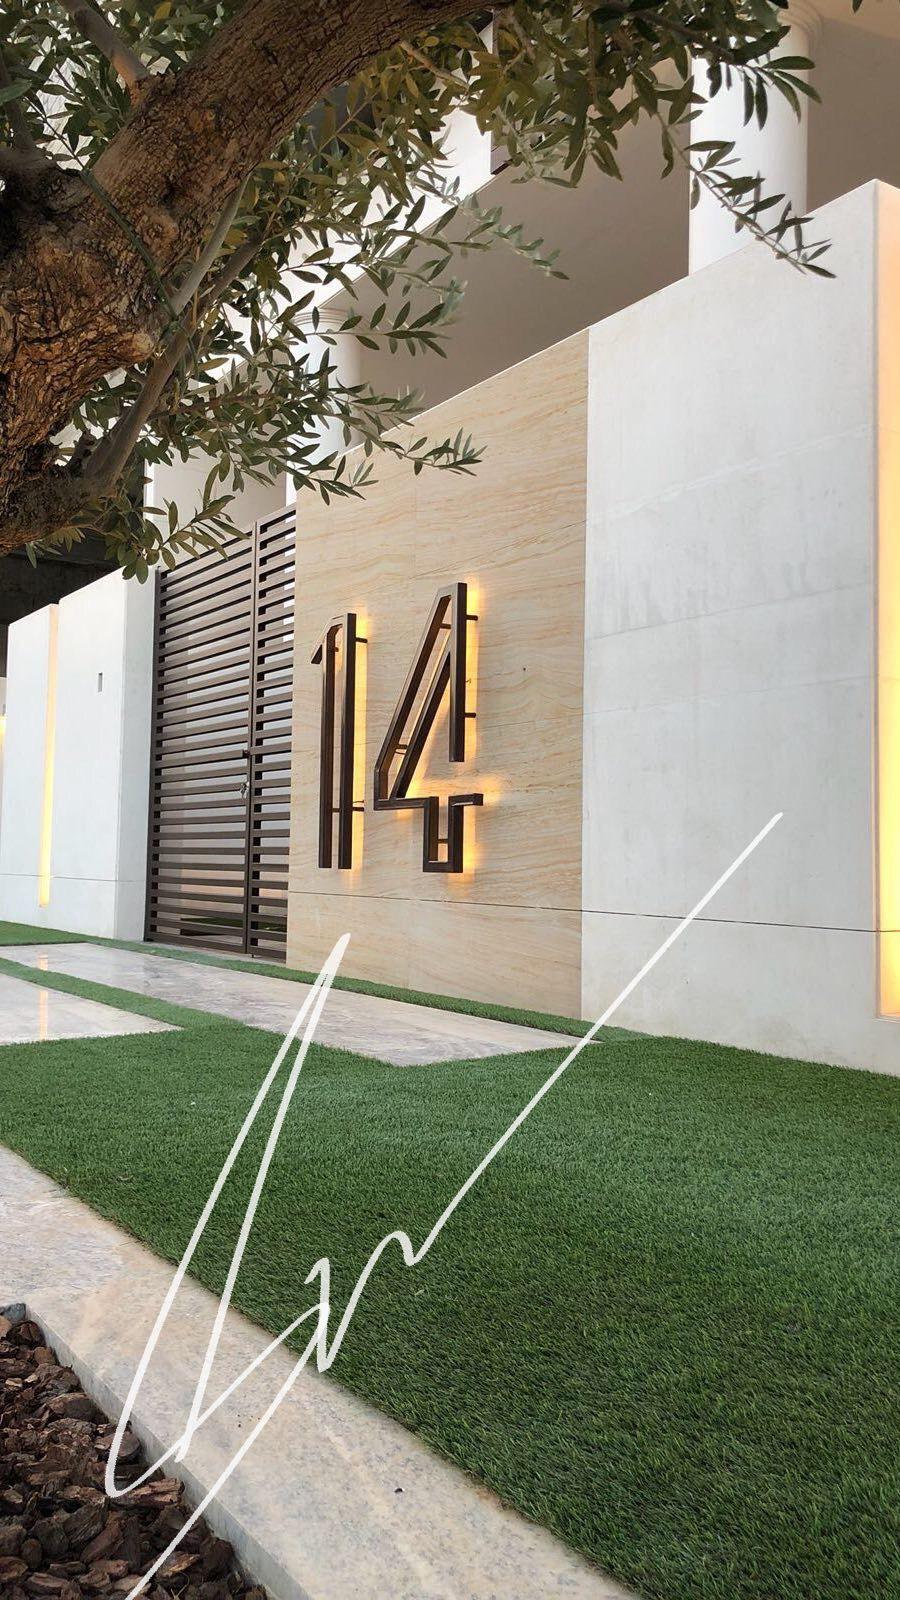 2018 年の private villa kuwait by sarah sadeq architects sign